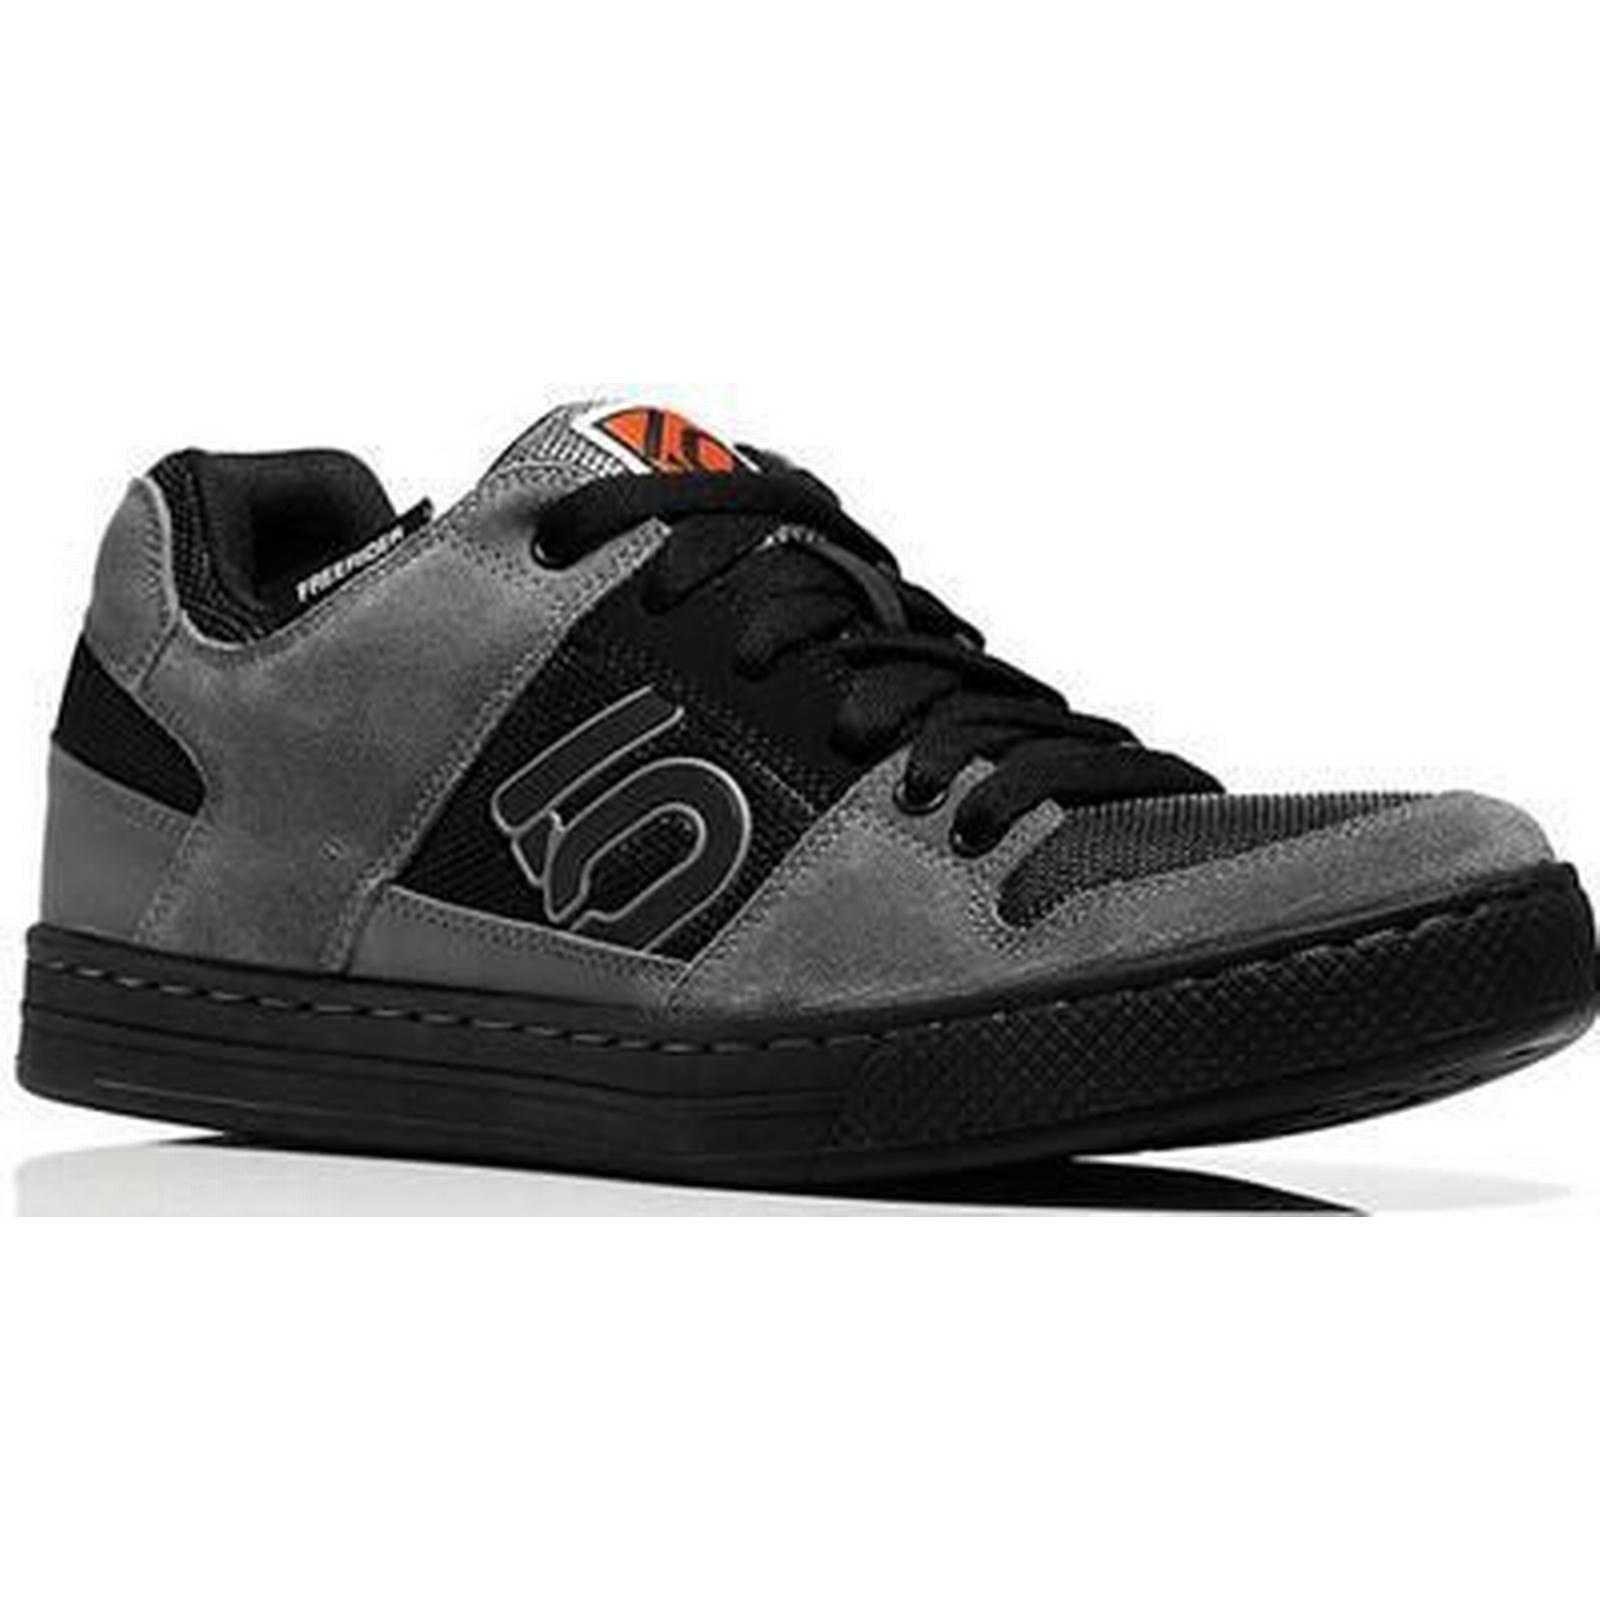 Fiveten Freerider Flat Mtb Shoe - BLACK/KHAKI 9 - 9 BLACK/KHAKI d23d72